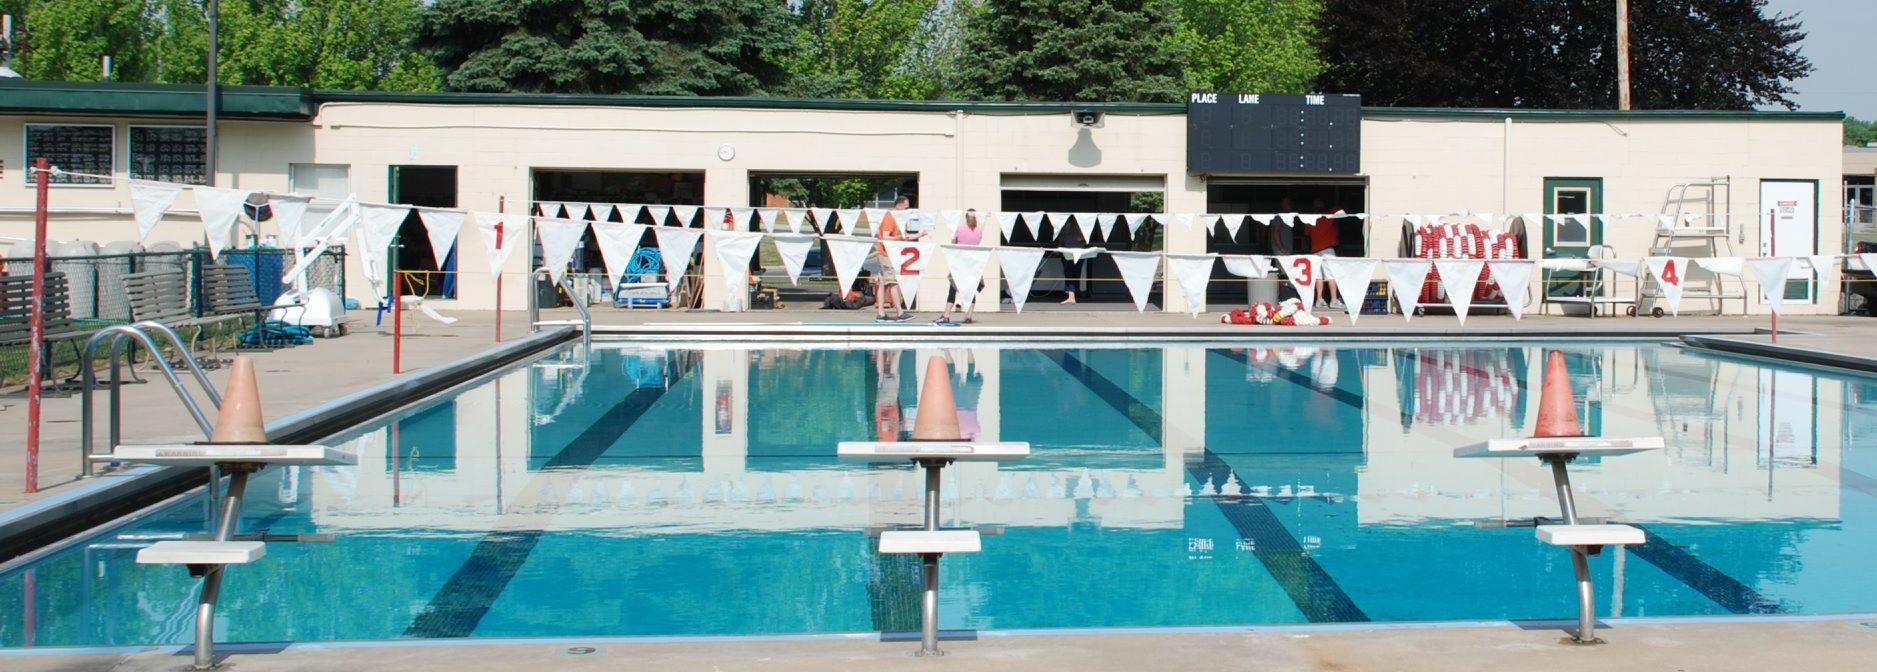 Manheim Swim Team